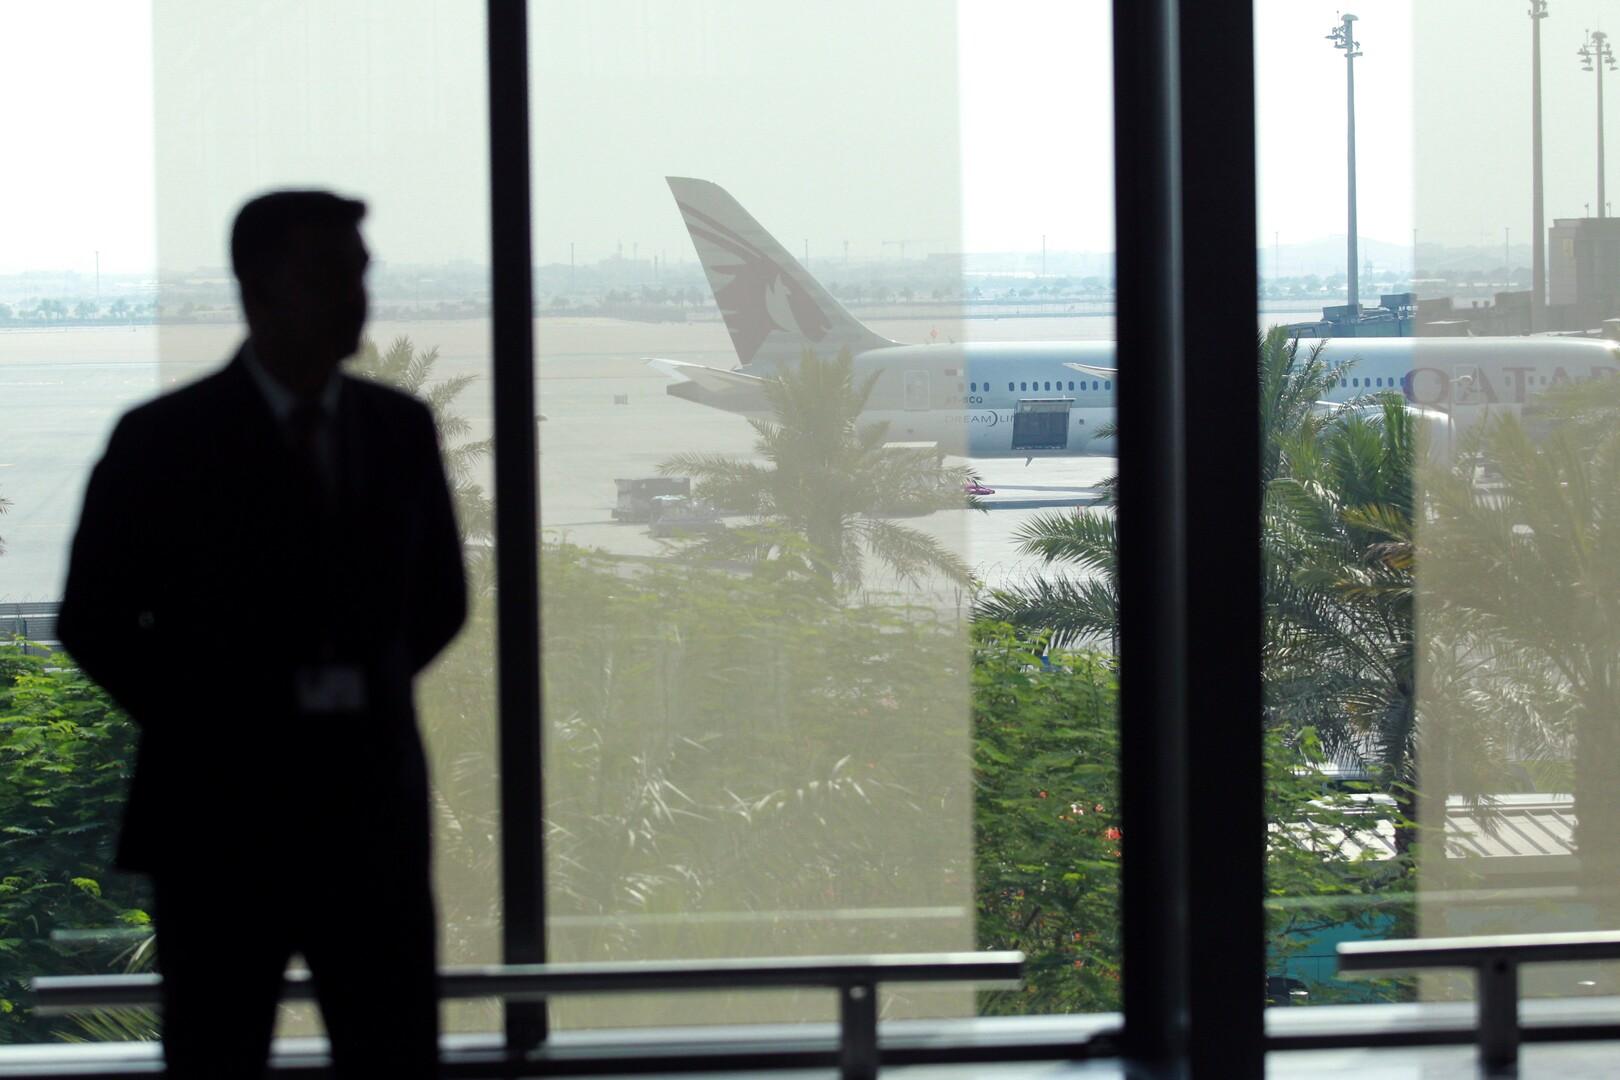 قطر.. خطط ضخمة لتوسعة مطار حمد الدولي -